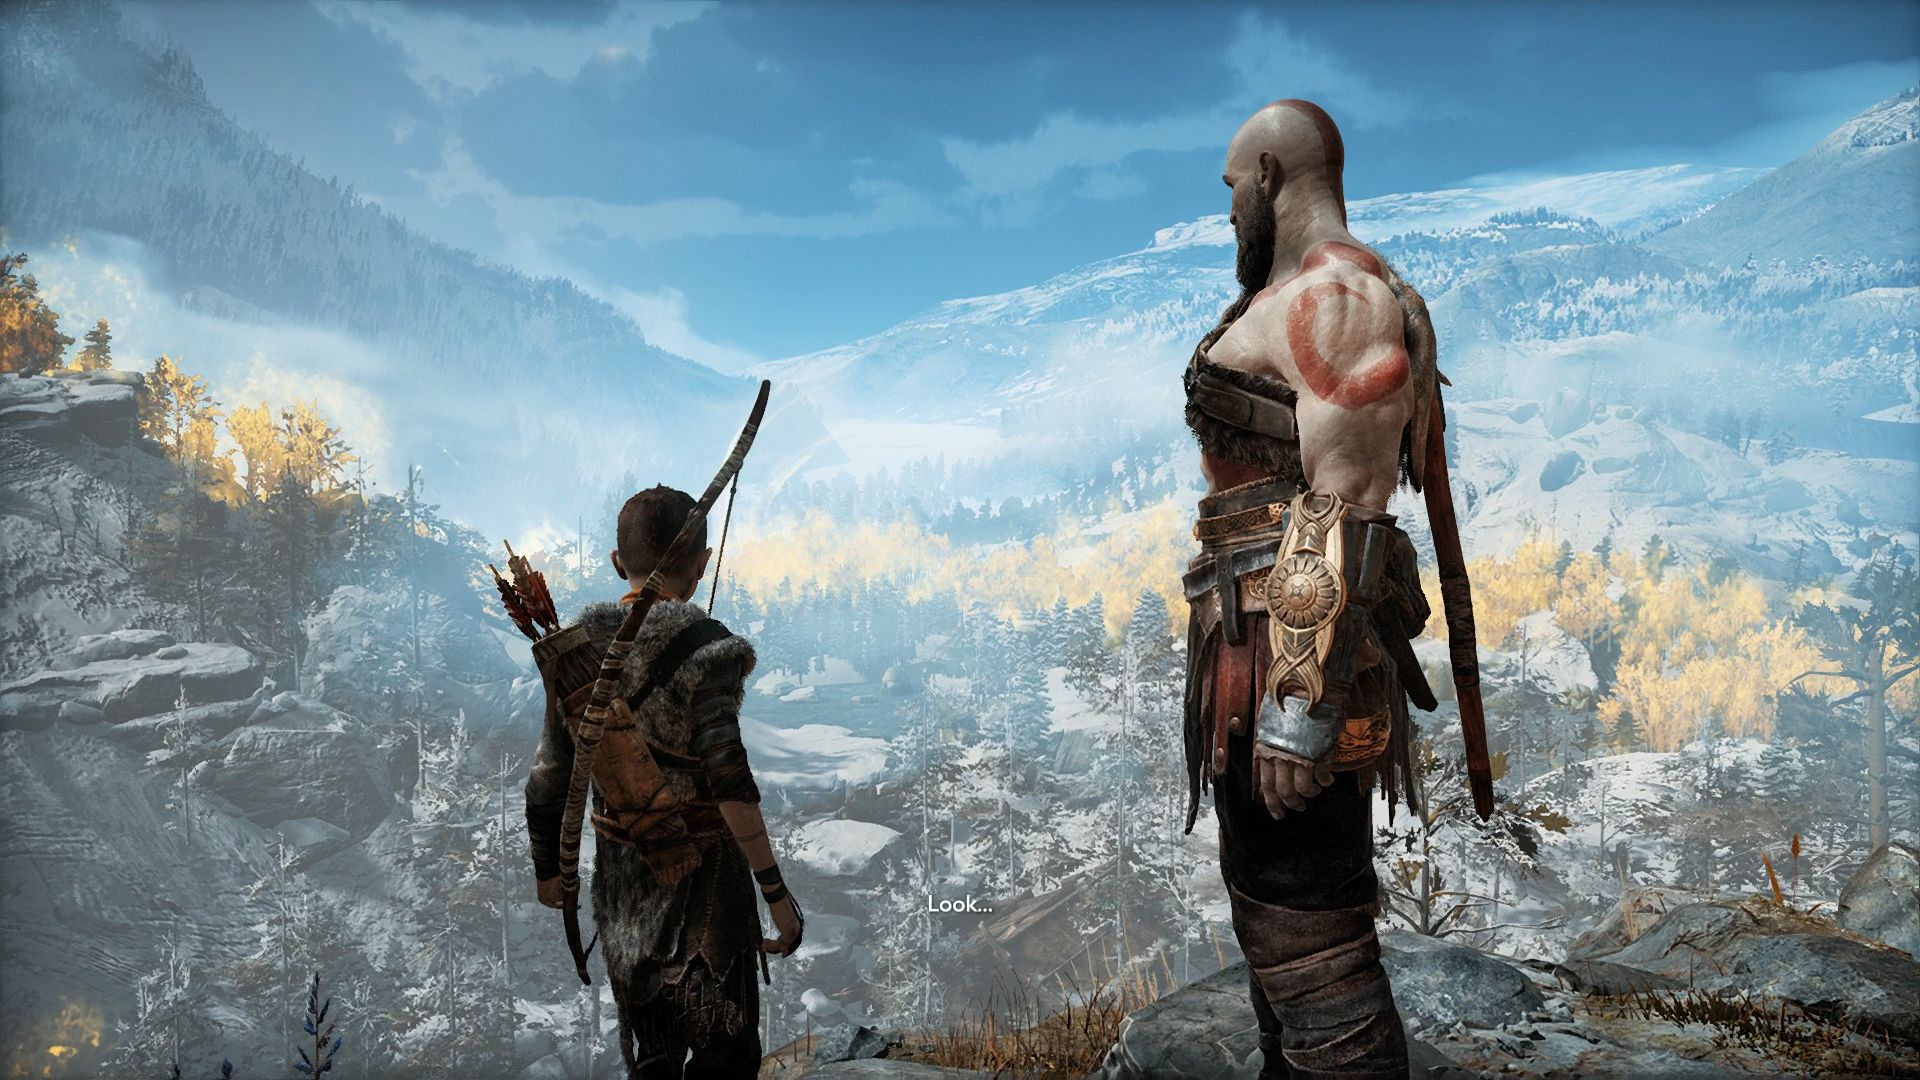 《战神4》开发商招聘游戏作家 续作或已开始创作